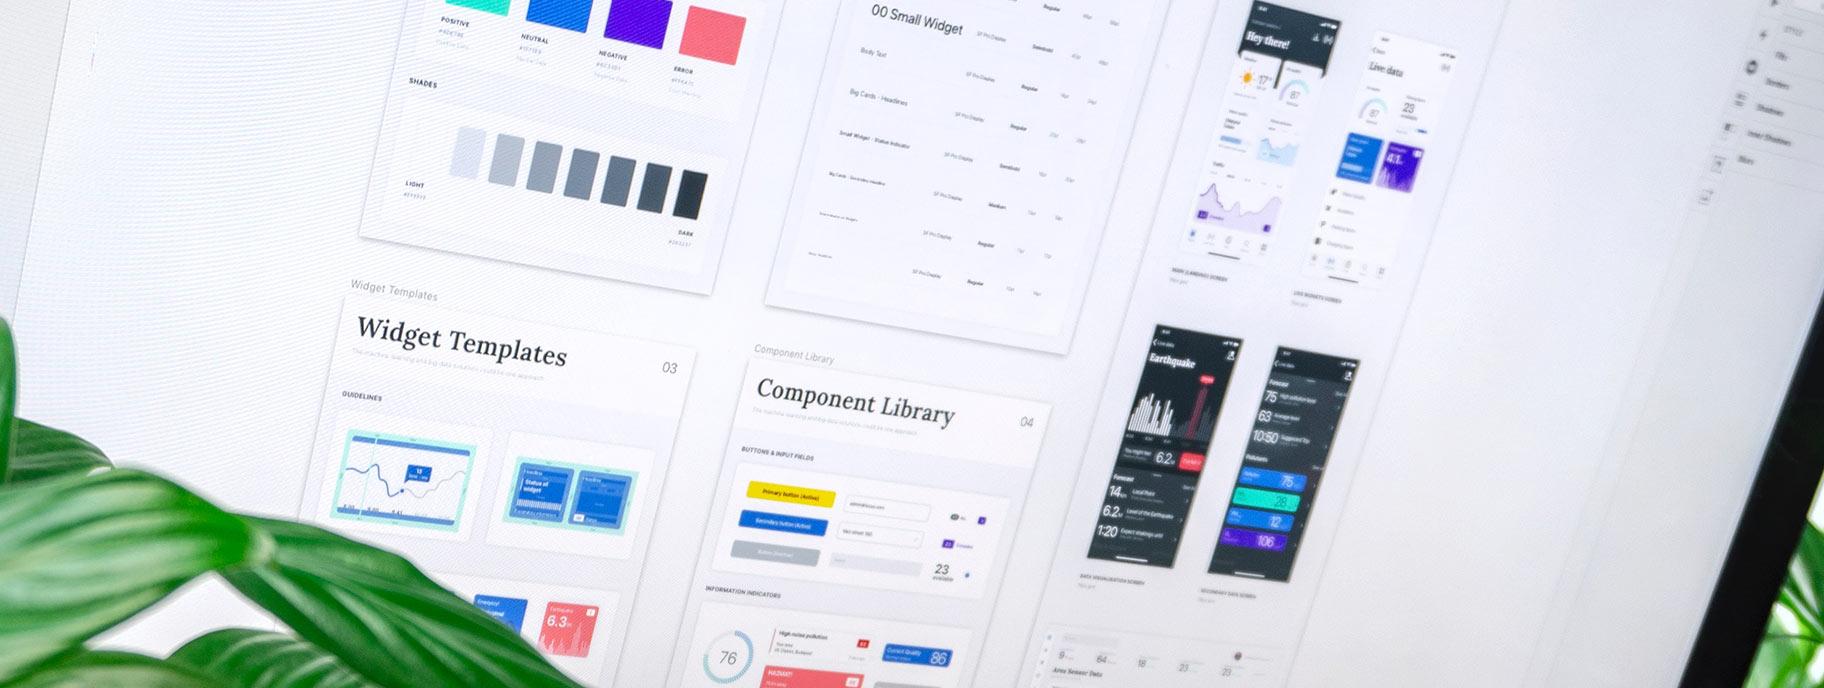 Webdesigner et développeur des métiers complémentaires